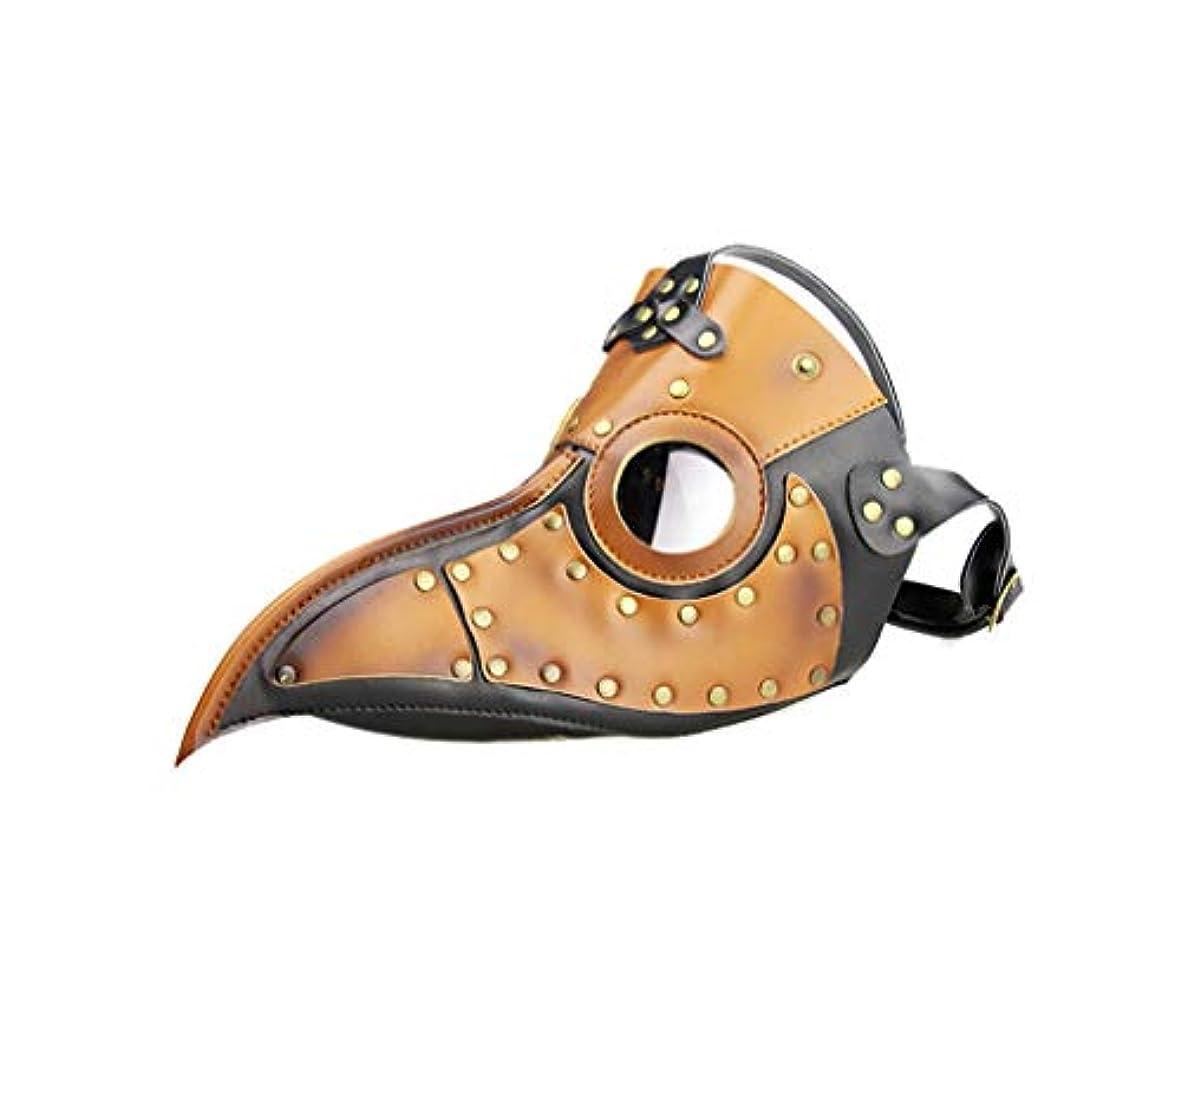 知っているに立ち寄る失われた略奪ペストドクターマスク鳥ロングノーズビークスチームパンクハロウィンプロップ